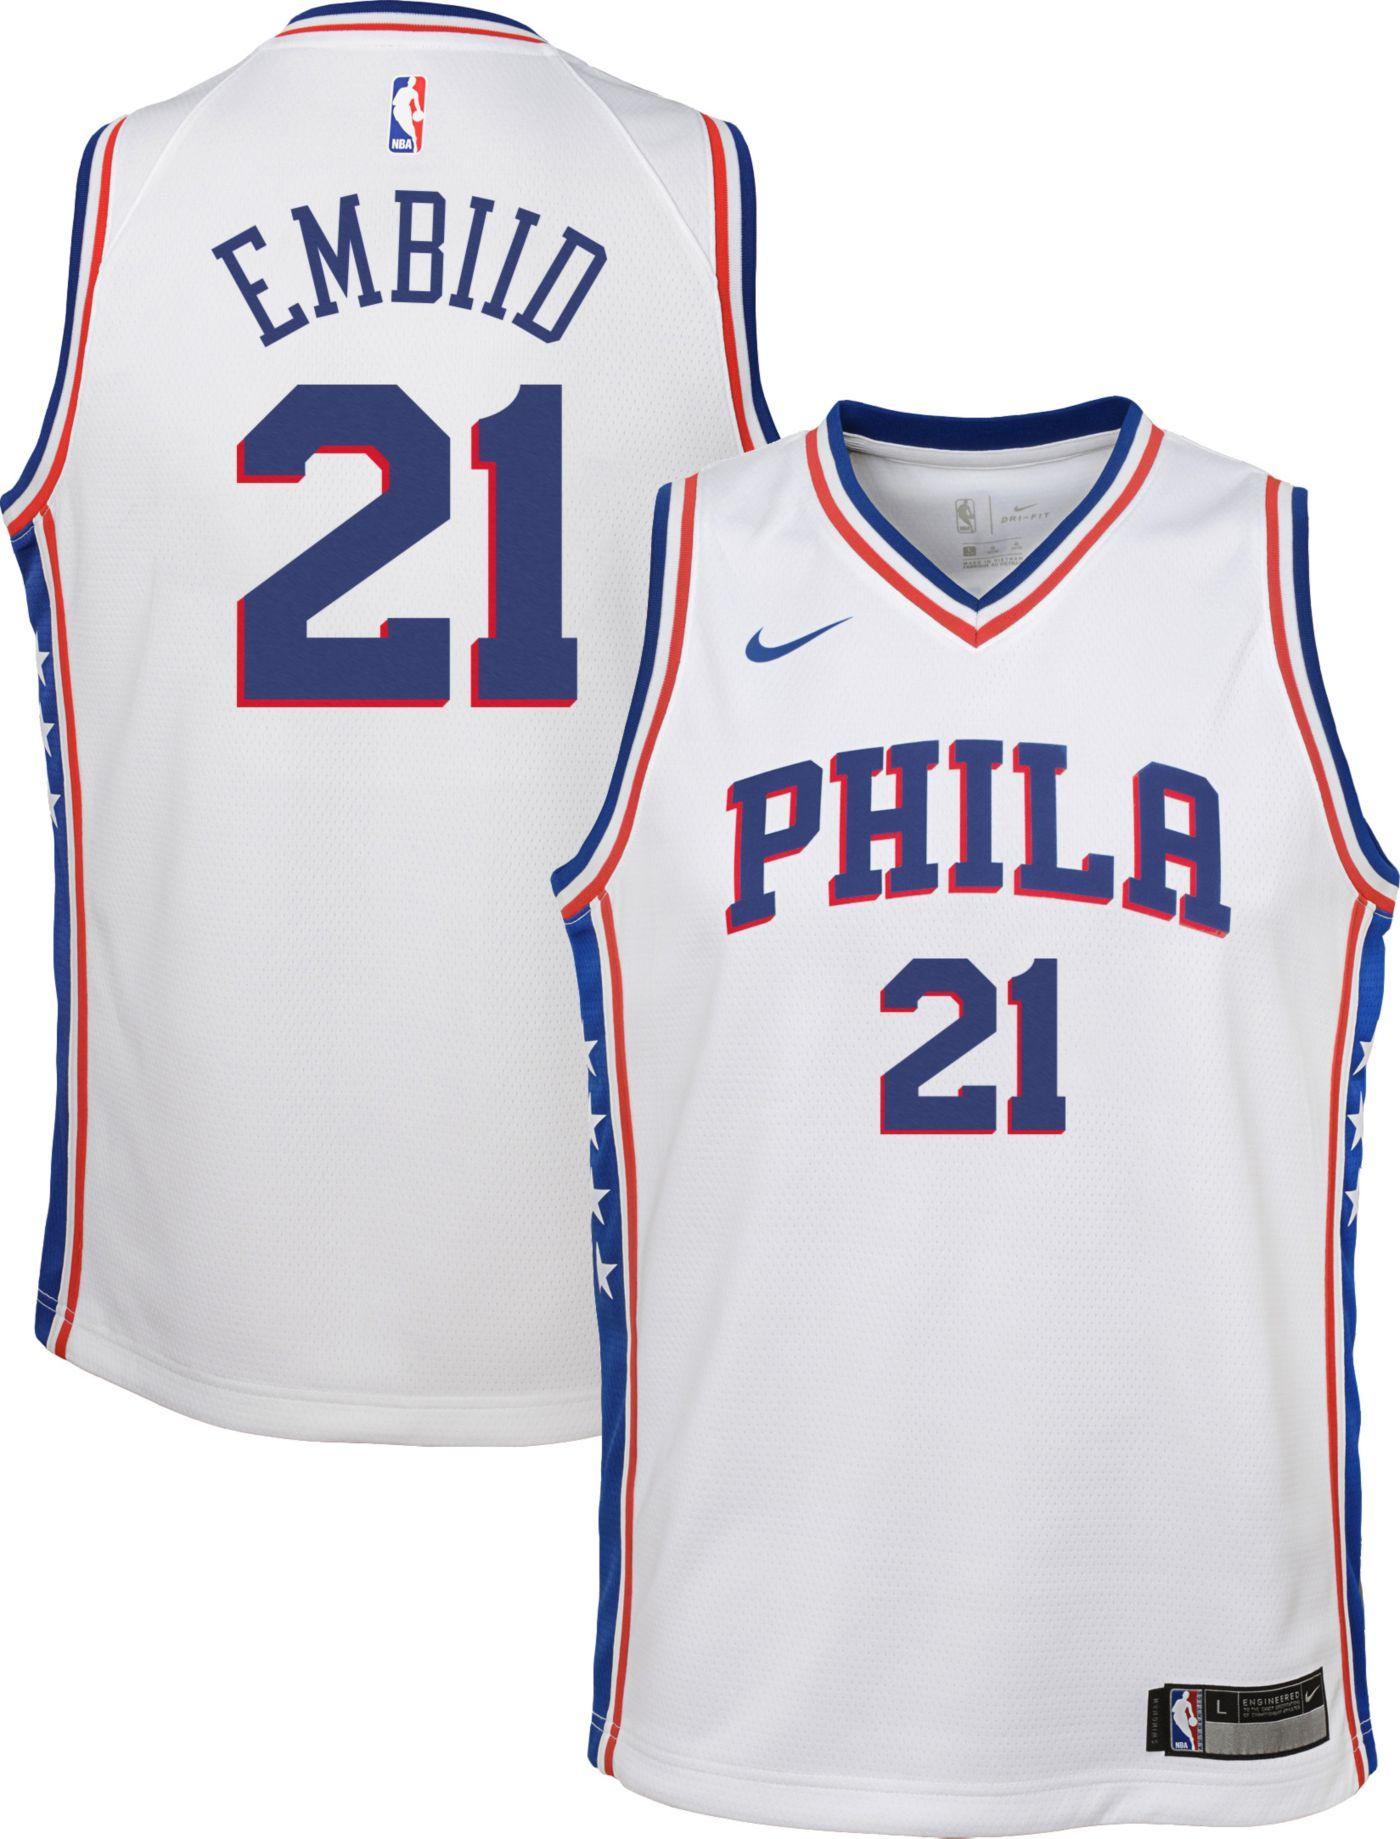 Nike Youth Philadelphia 76ers Joel Embiid #21 White Dri-FIT Swingman Jersey